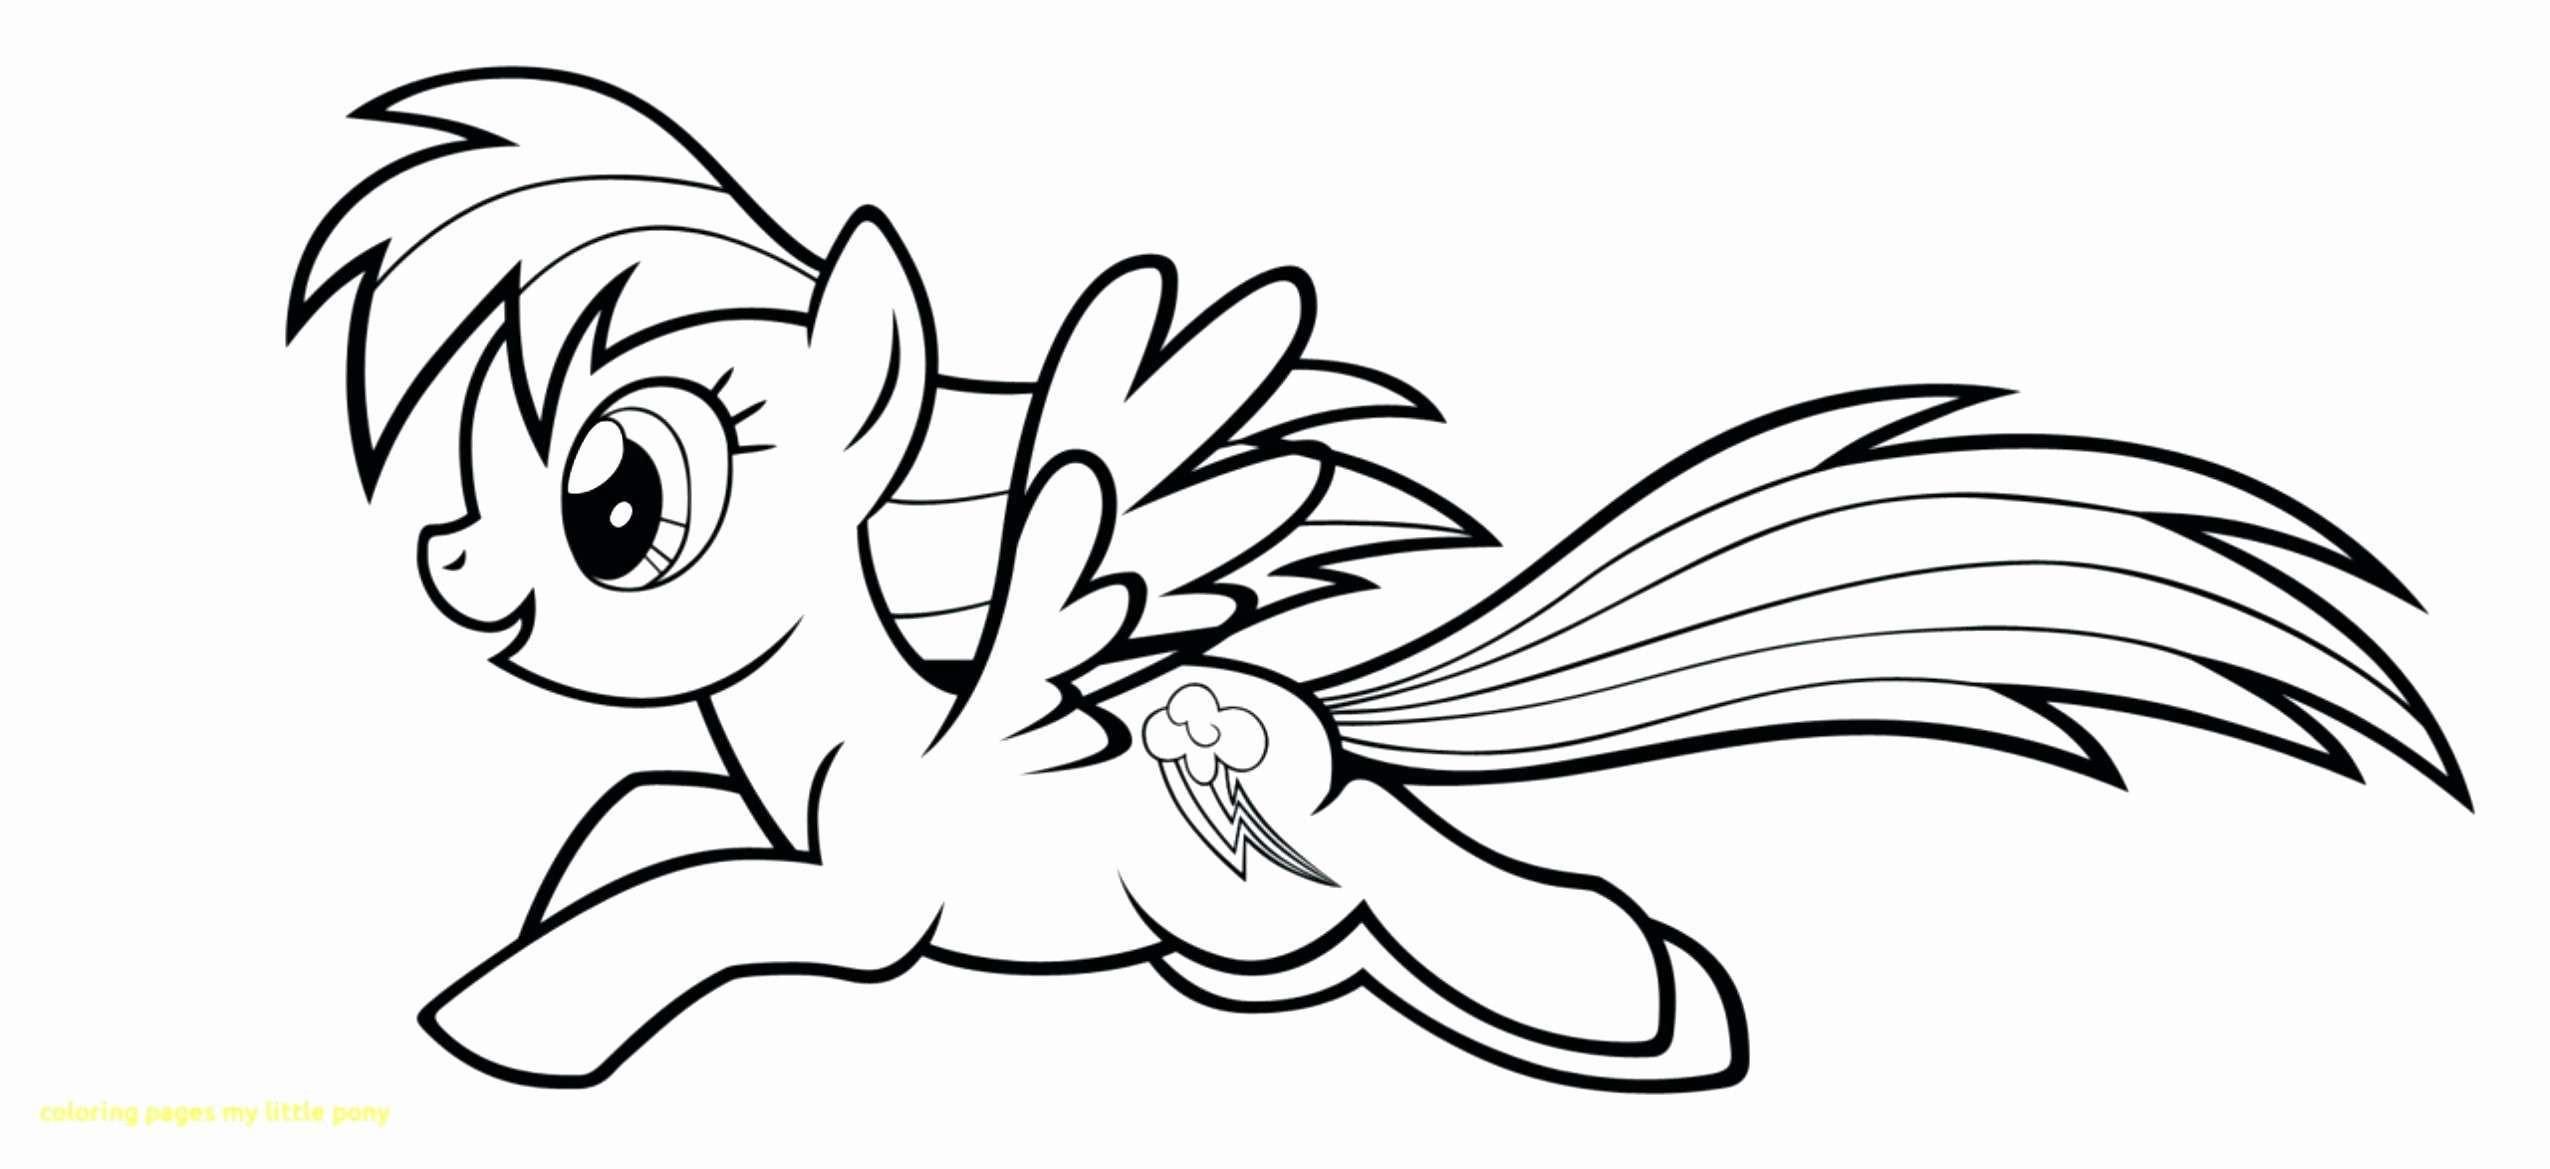 Ausmalbilder My Little Pony Applejack Einzigartig 40 Ausmalbilder Equestria Girls Scoredatscore Schön Ausmalbilder My Sammlung